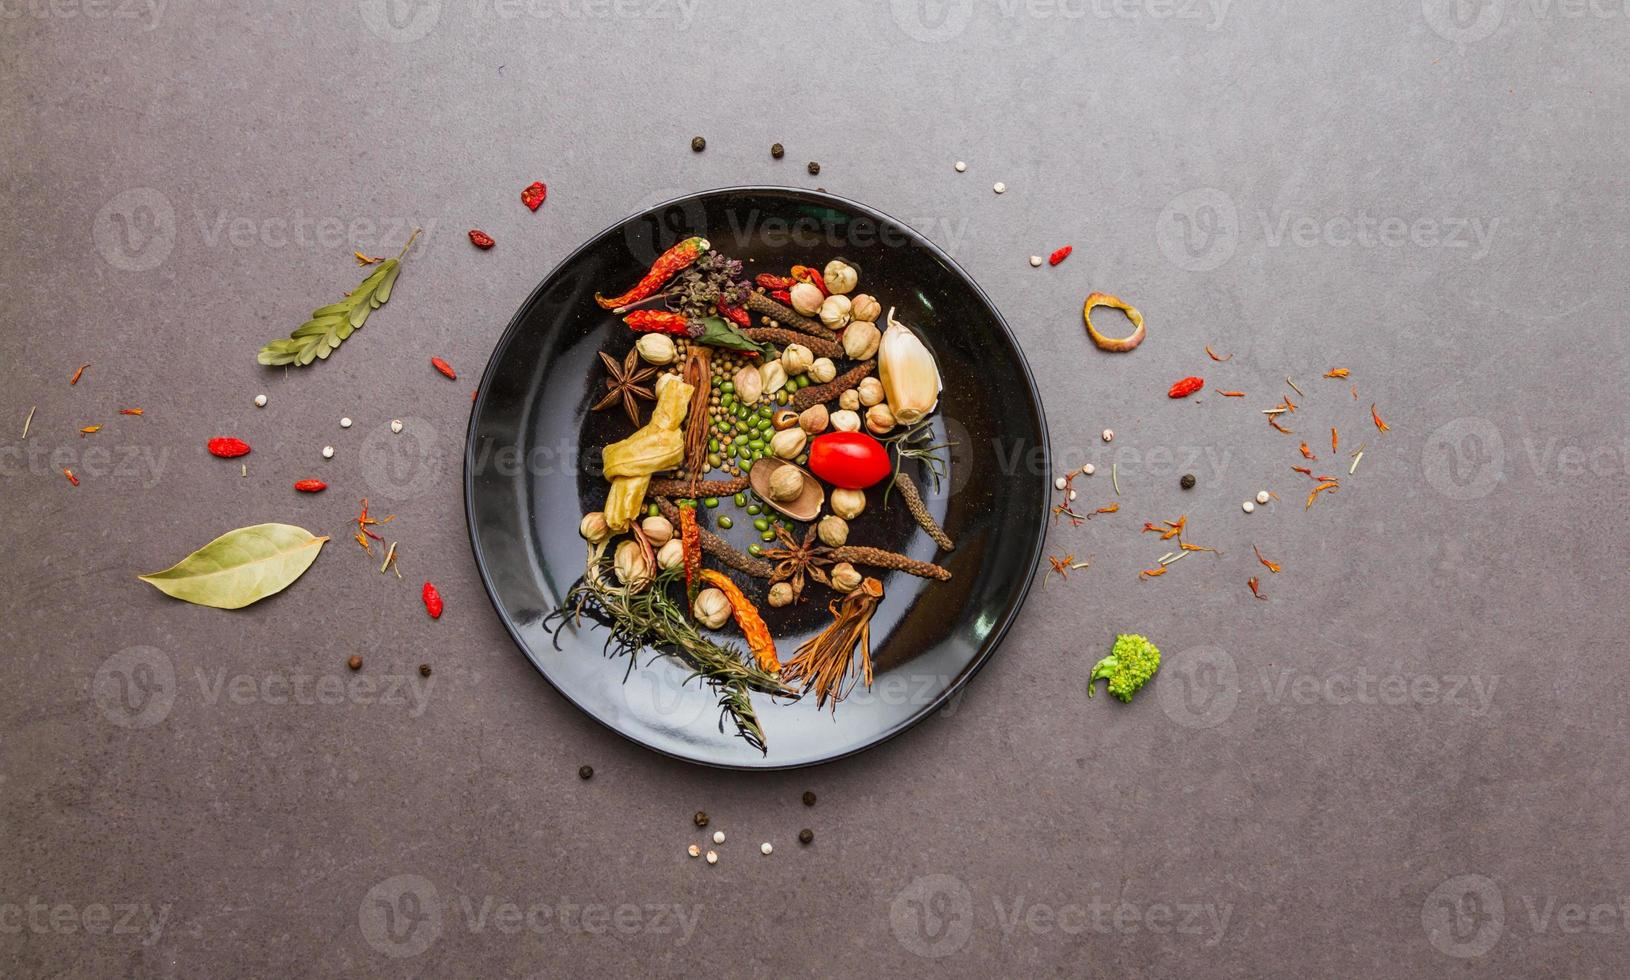 especiarias e ervas mistas para cozinhar. foto